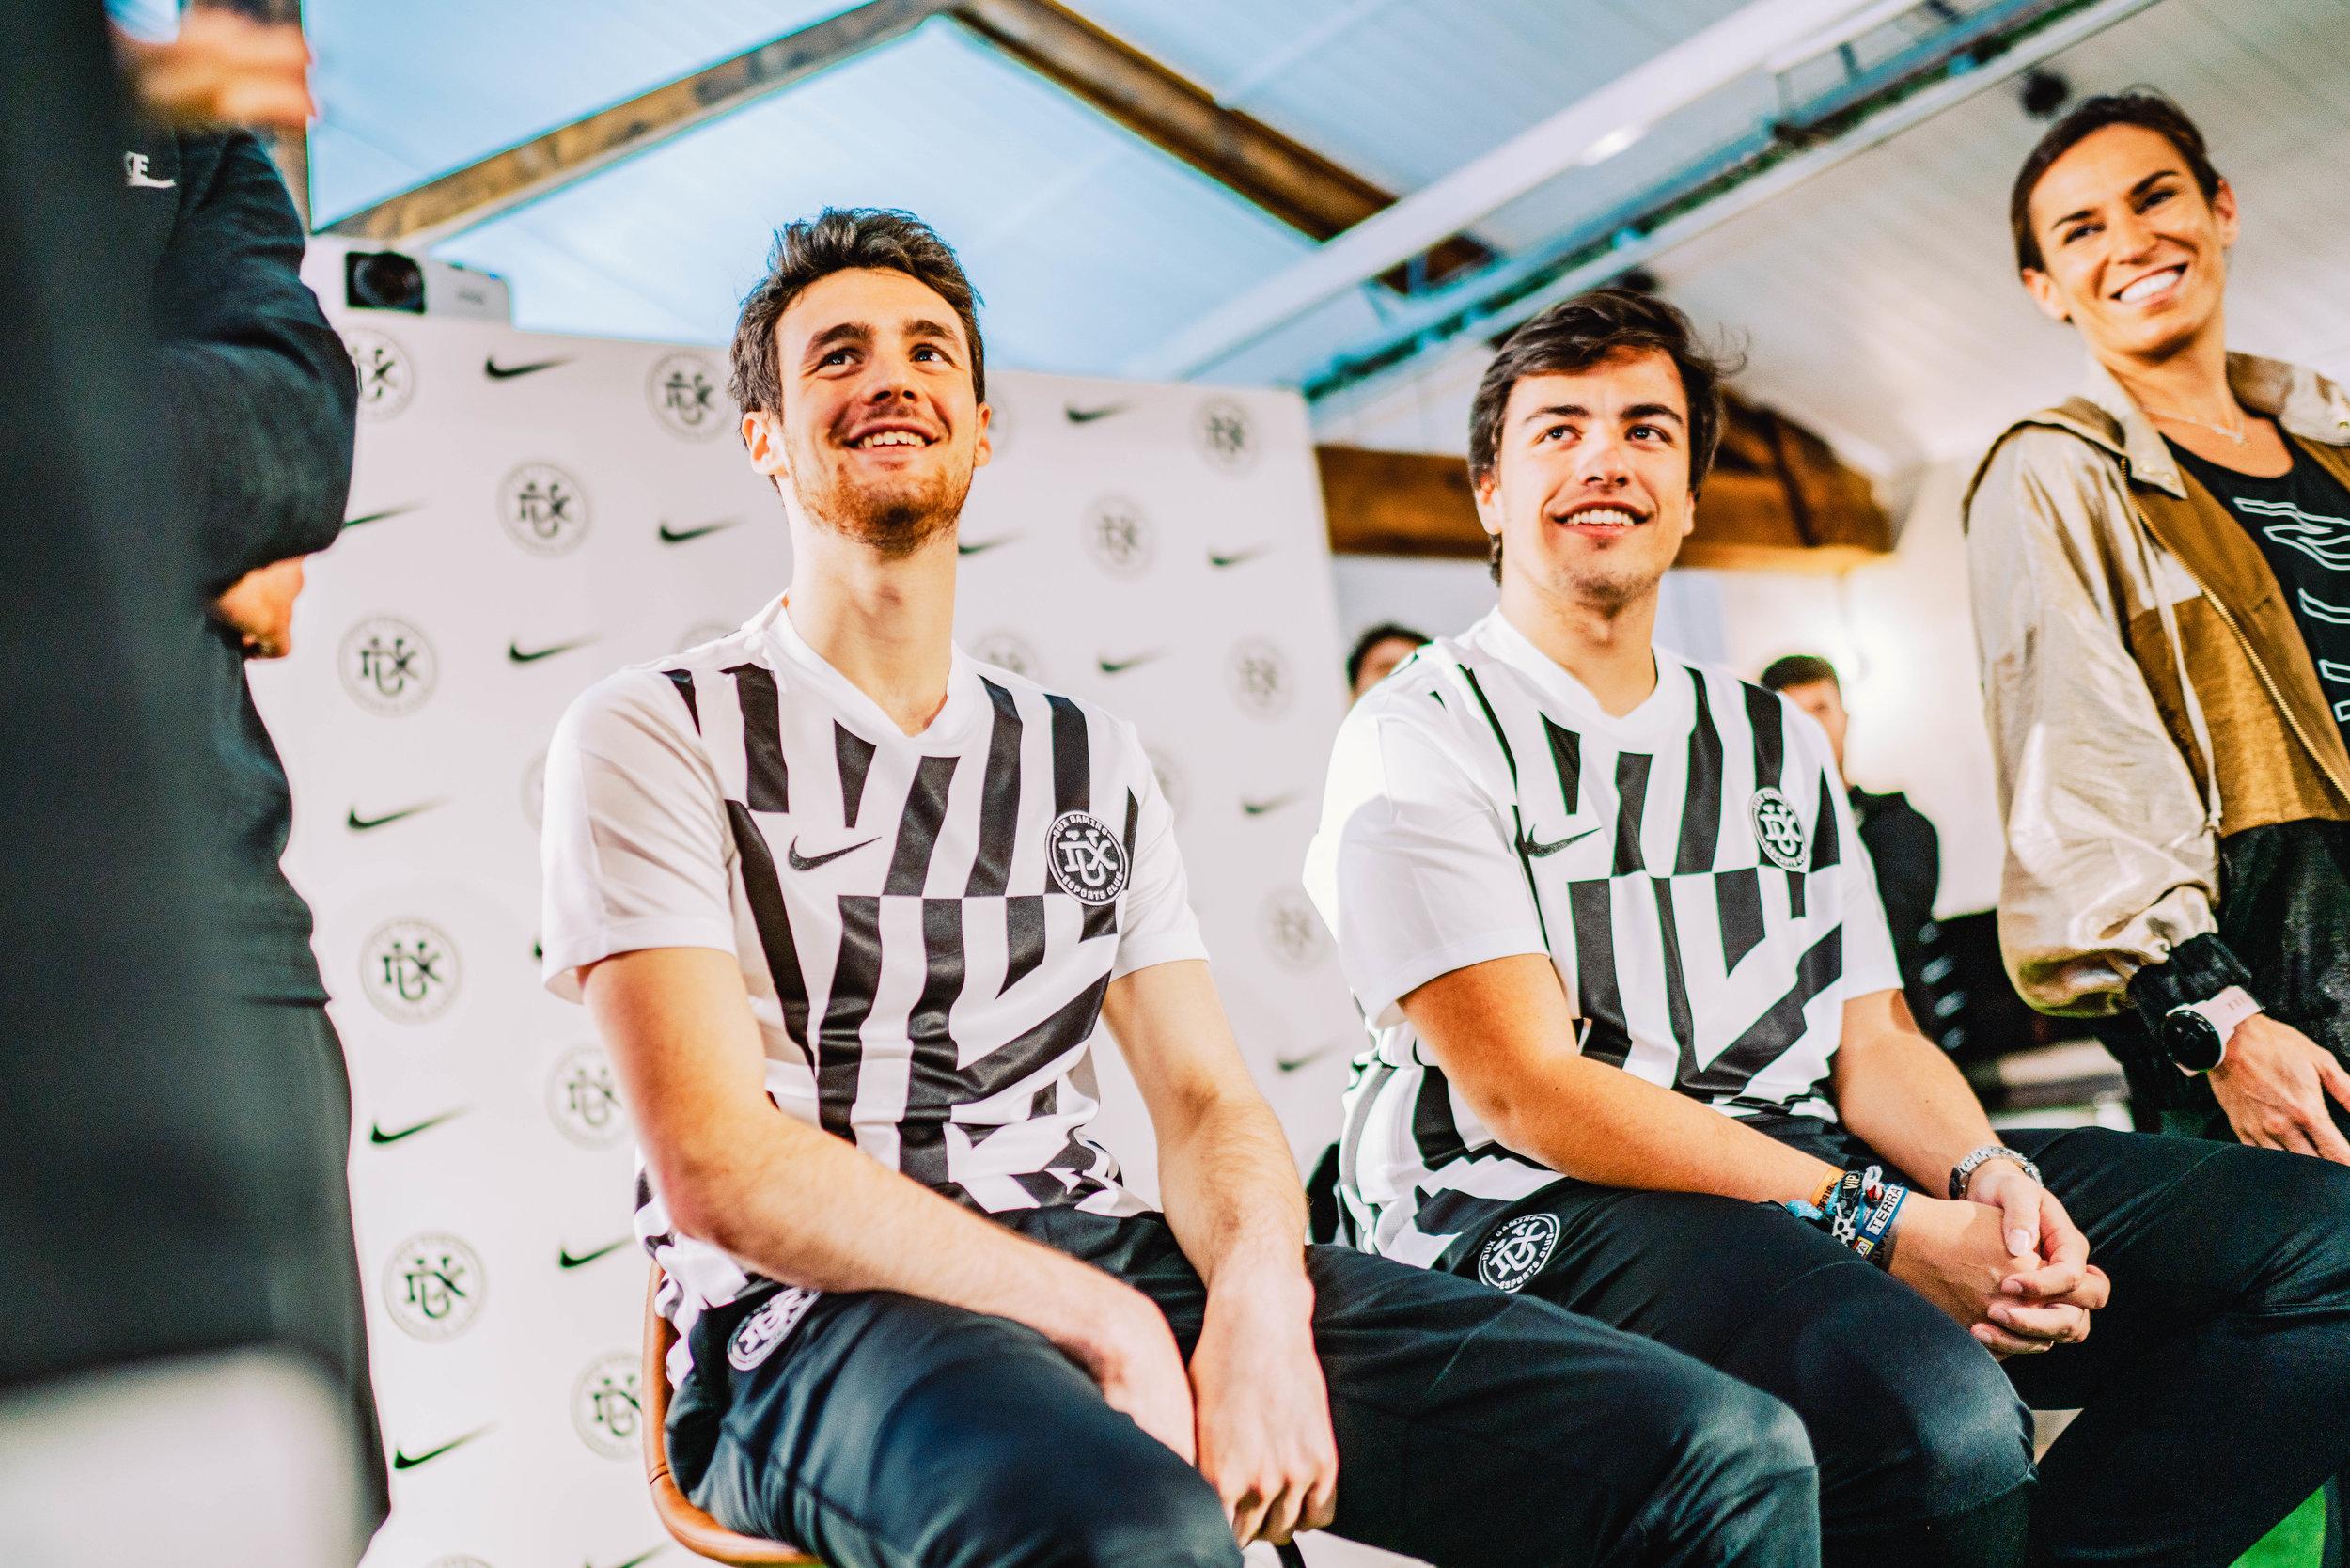 Nace el club de FIFA DUX Gaming en Barcelona de la mano de Nike - Acercar los esports y el deporte a todos los públicos y crear contenido para entretener y aprender. Esos son los dos grandes objetivos de DUX GAMING, un nuevo club de eSports que acaba de irrumpir en el panorama español de la mano de Vizz Agency.Inicialmente el club, cuya sede está en Barcelona, se ha centrado en FIFA y lo ha hecho de la mano de dos de los jugadores más reconocidos en España: Jaime Álvarez, 'Gravesen', y Carles Santaló, 'Kolderiu19'.Gravesen es cuatro veces campeón de FIFA de España y Carles es conocido tanto en el aspecto competitivo como en la creación de contenido en su canal de Youtube que cuenta con cerca de medio millón de suscriptores.Uno de los aspectos más destacados del nuevo equipo es que compagina el entrenamiento de eSport con la actividad física, una adecuada alimentación y sesiones de mindfulness. Los estudios demuestran que el ejercicio físico ayuda a los jugadores a mejorar su rendimiento en los deportes electrónicos. La resistencia o los reflejos son claves para estos profesionales.Para reforzar este área, DUX GAMING ha alcanzado un acuerdo de colaboración con Nike, que ha creado un plan de entrenamiento físico, mental y nutricional gracias a diversos expertos.Los entrenamientos tendrán lugar en BOX Barcelona, la casa del deporte. Un espacio creado por la marca para dar cabida a distintos colectivos y prácticas deportivas que se realizan en la playa de La Barceloneta.DUX ha elegido también a Nike como proveedor de su equipación que, diseñada por el propio equipo, presenta un look muy sofisticado y rompedor.